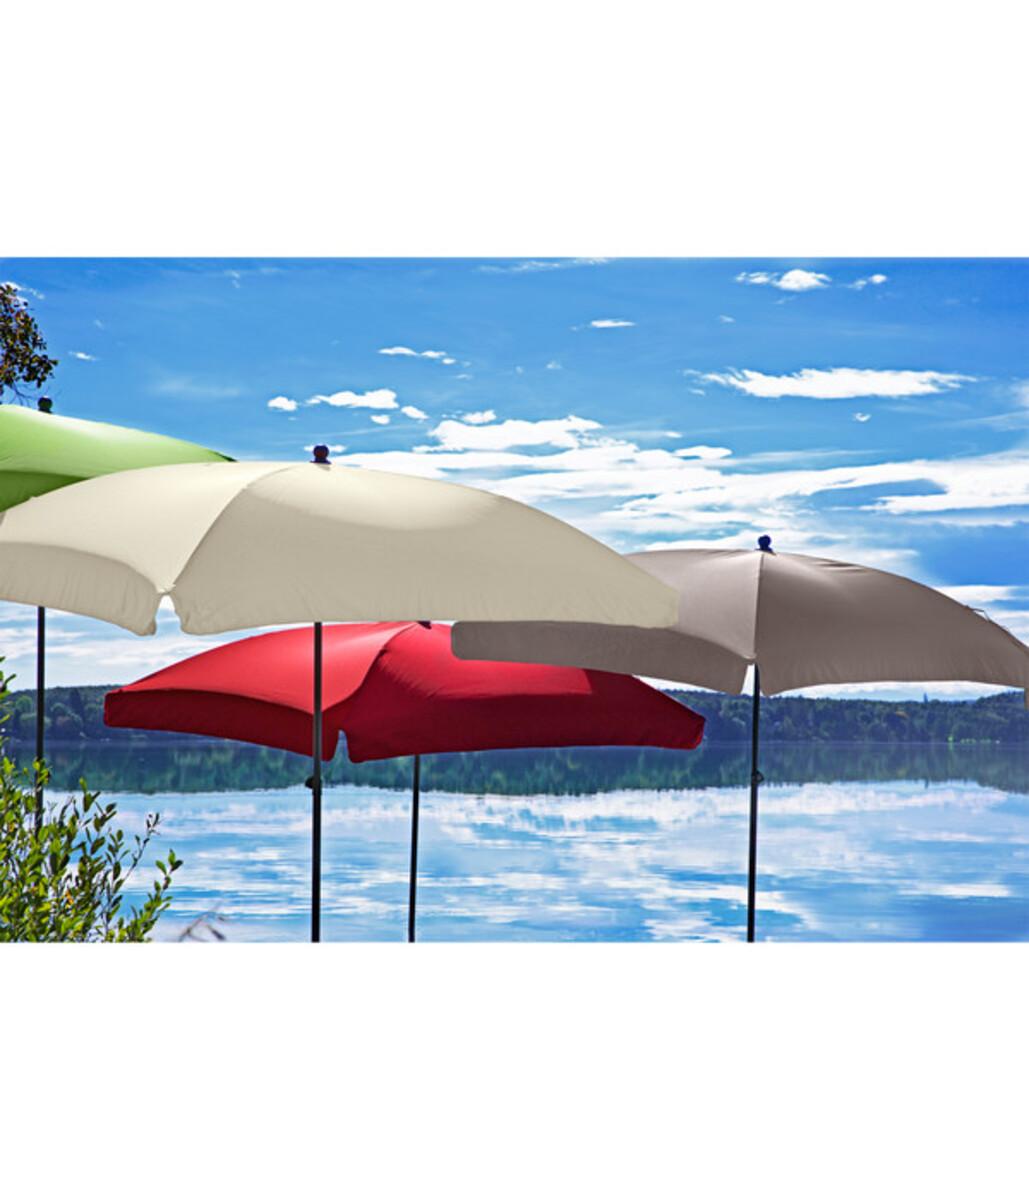 Bild 3 von Dehner Sonnenschirm Keros, 170 x 255 cm